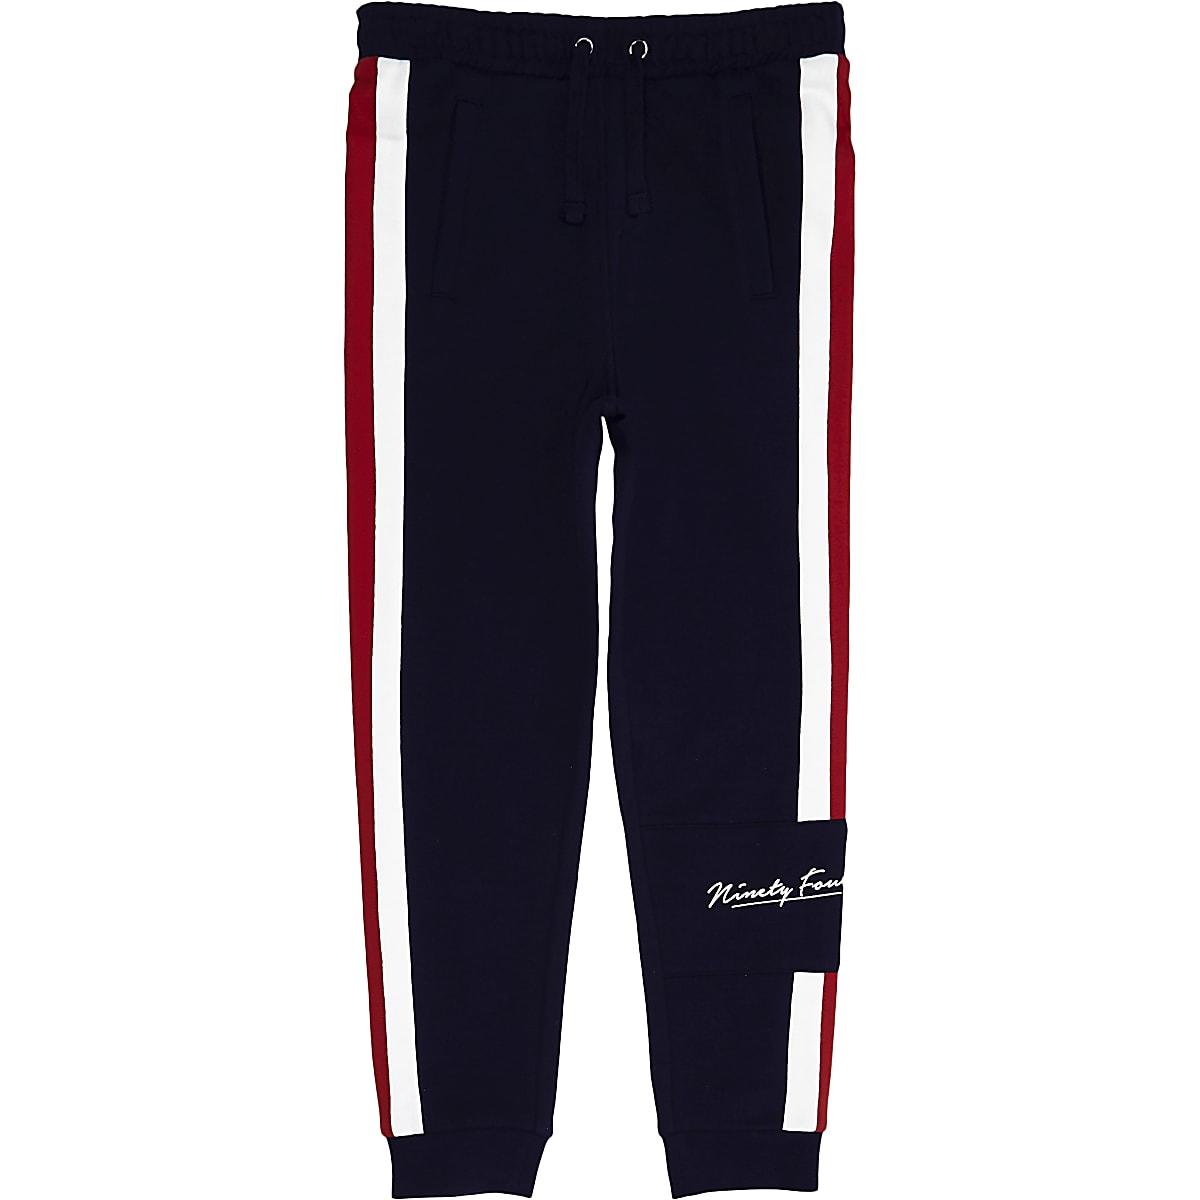 654443d72485e Pantalon de jogging bleu marine à bande pour garçon - Pantalons de ...